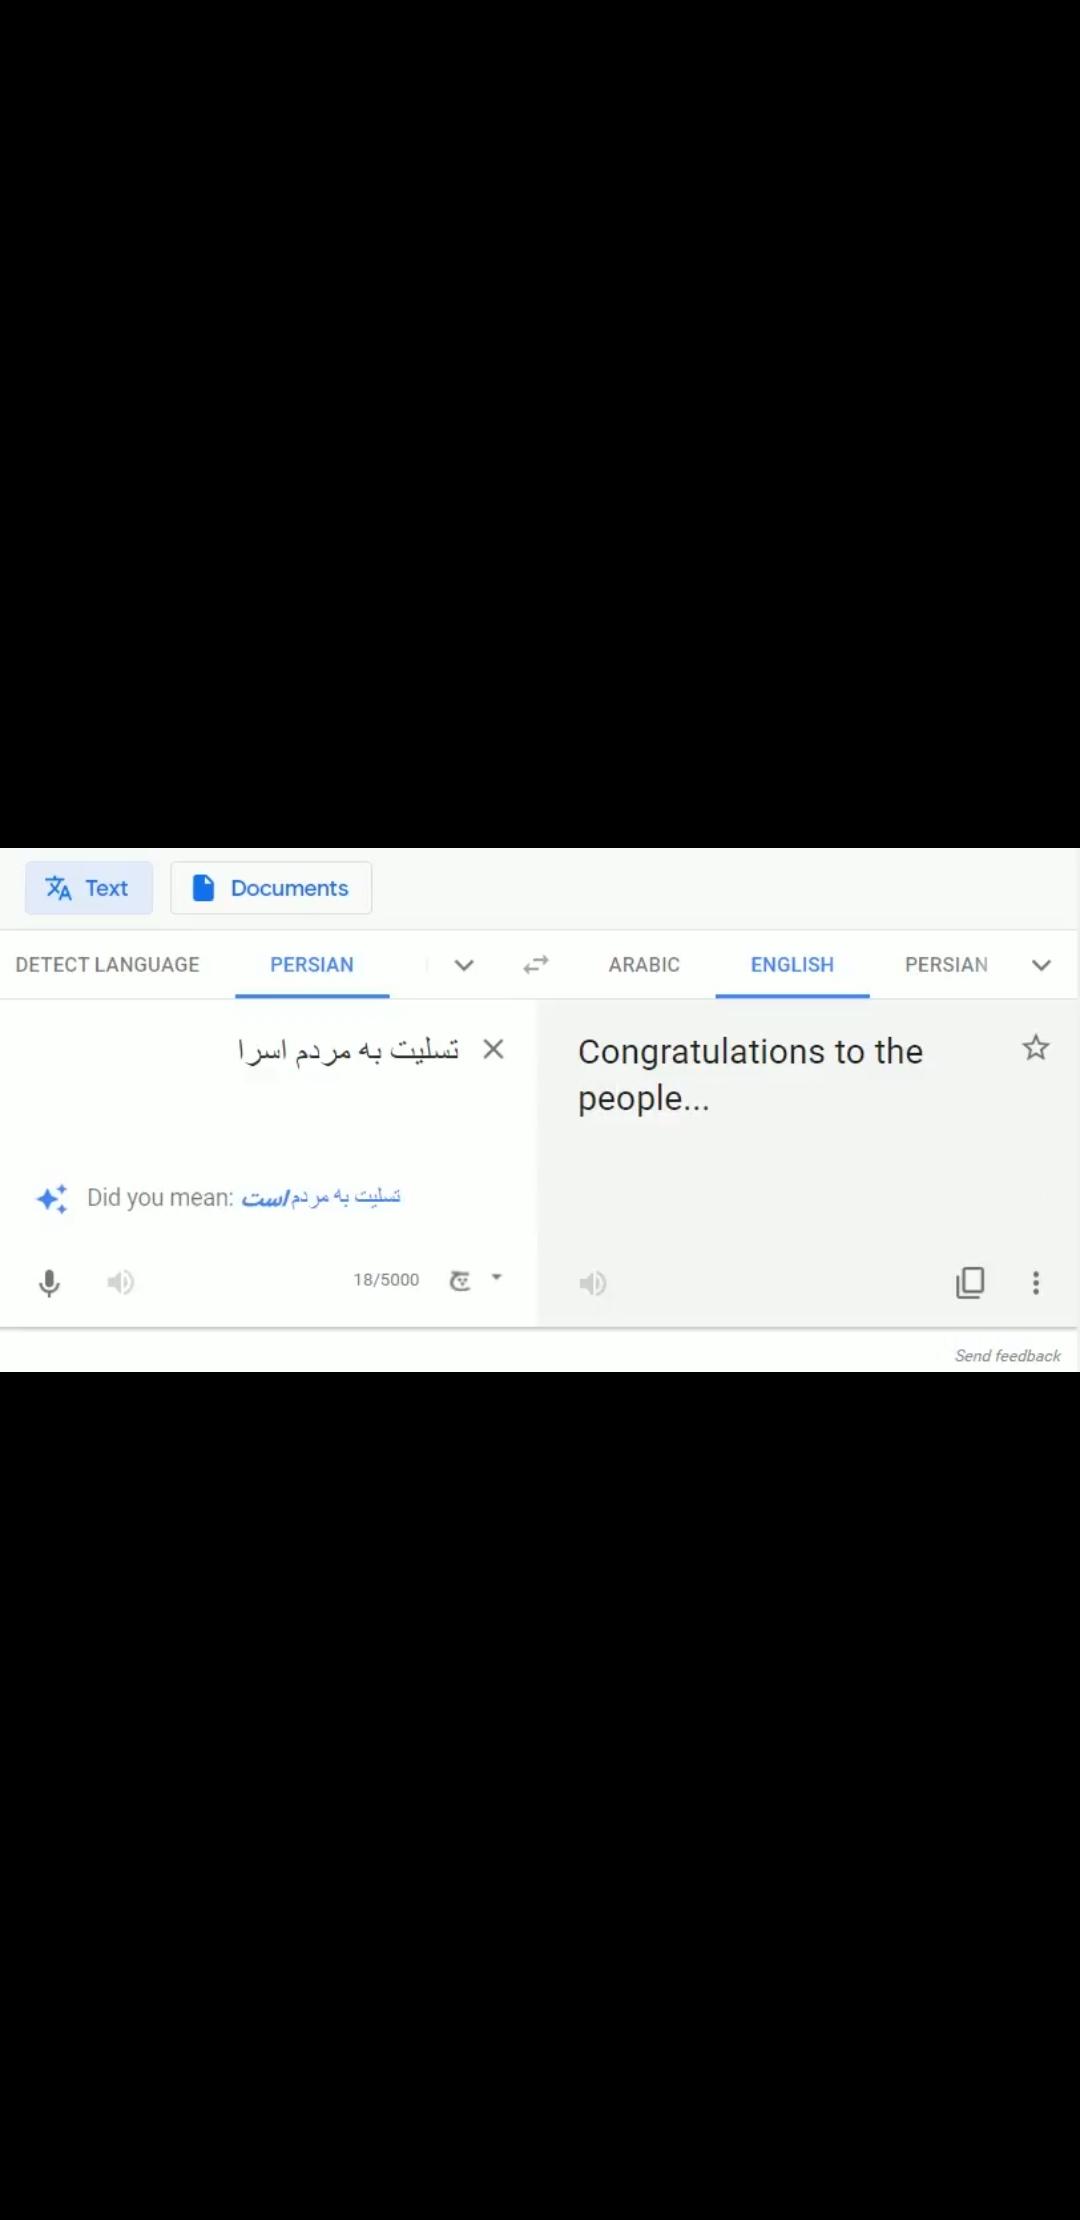 گوگل پیام تسلیت به مردم لبنان را تبریک ترجمه میکند + ویدئو